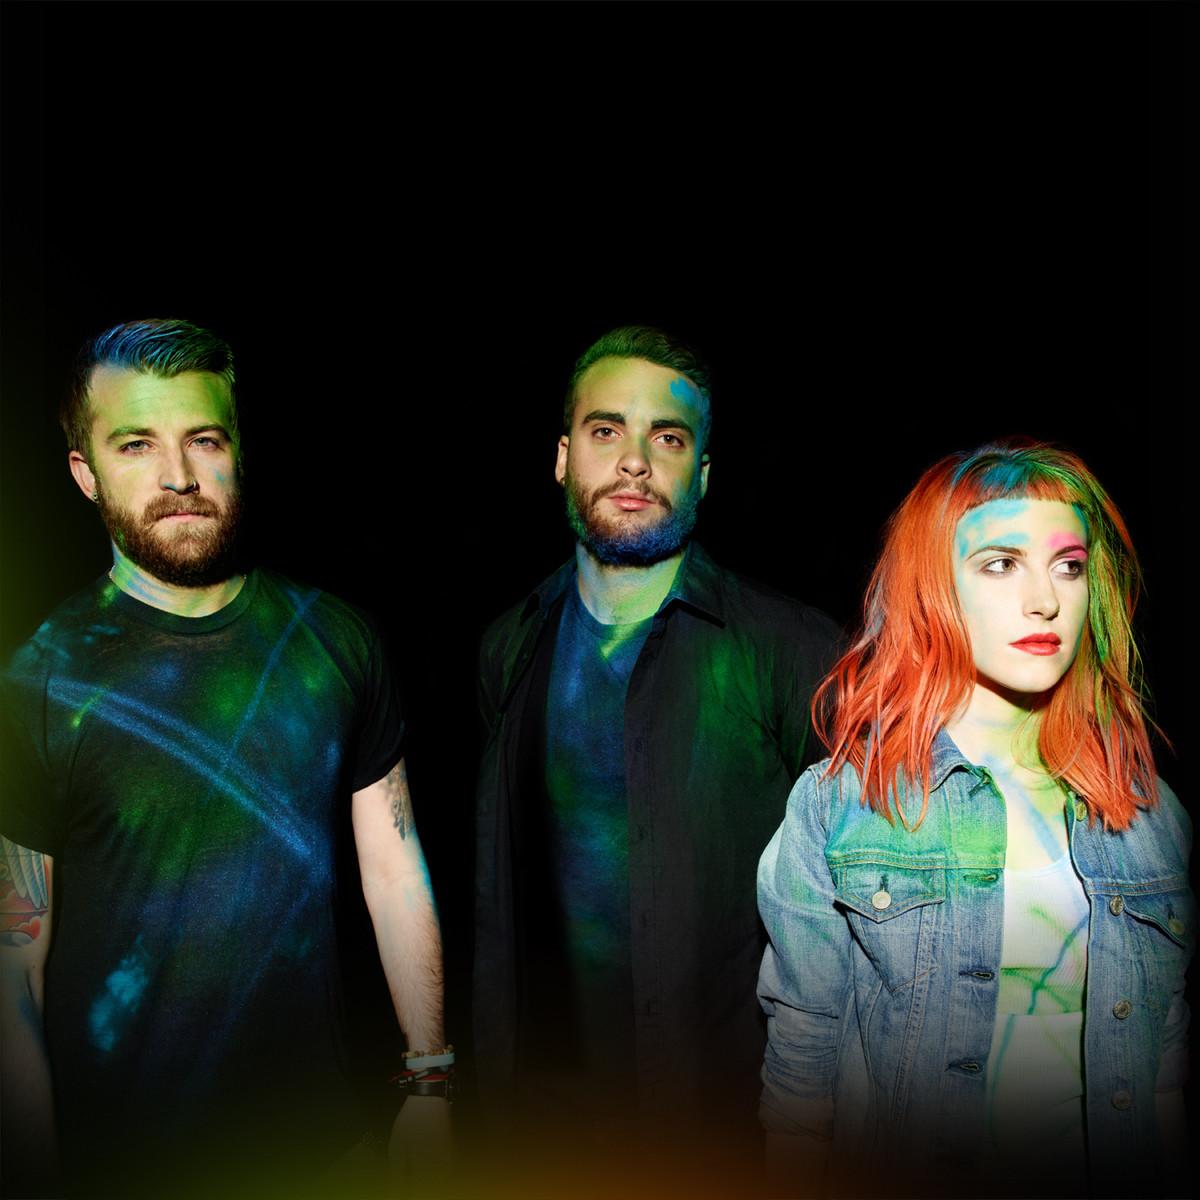 Paramore - Paramore (2013)